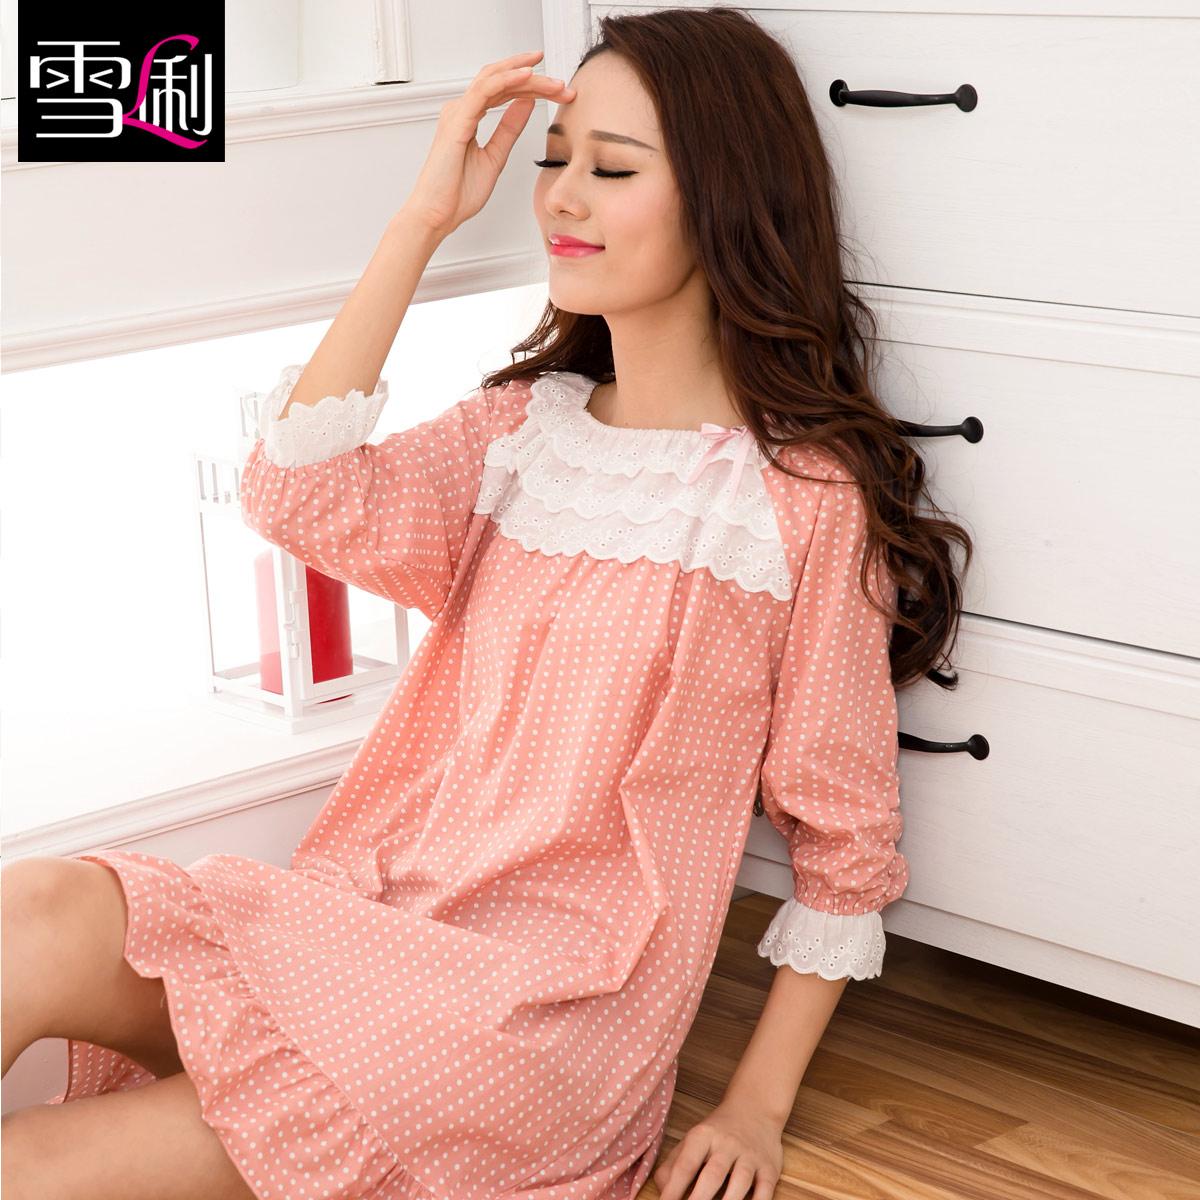 雪俐韩版新品夏季中袖睡裙梭织100%纯棉女士纯色简约睡衣家居服